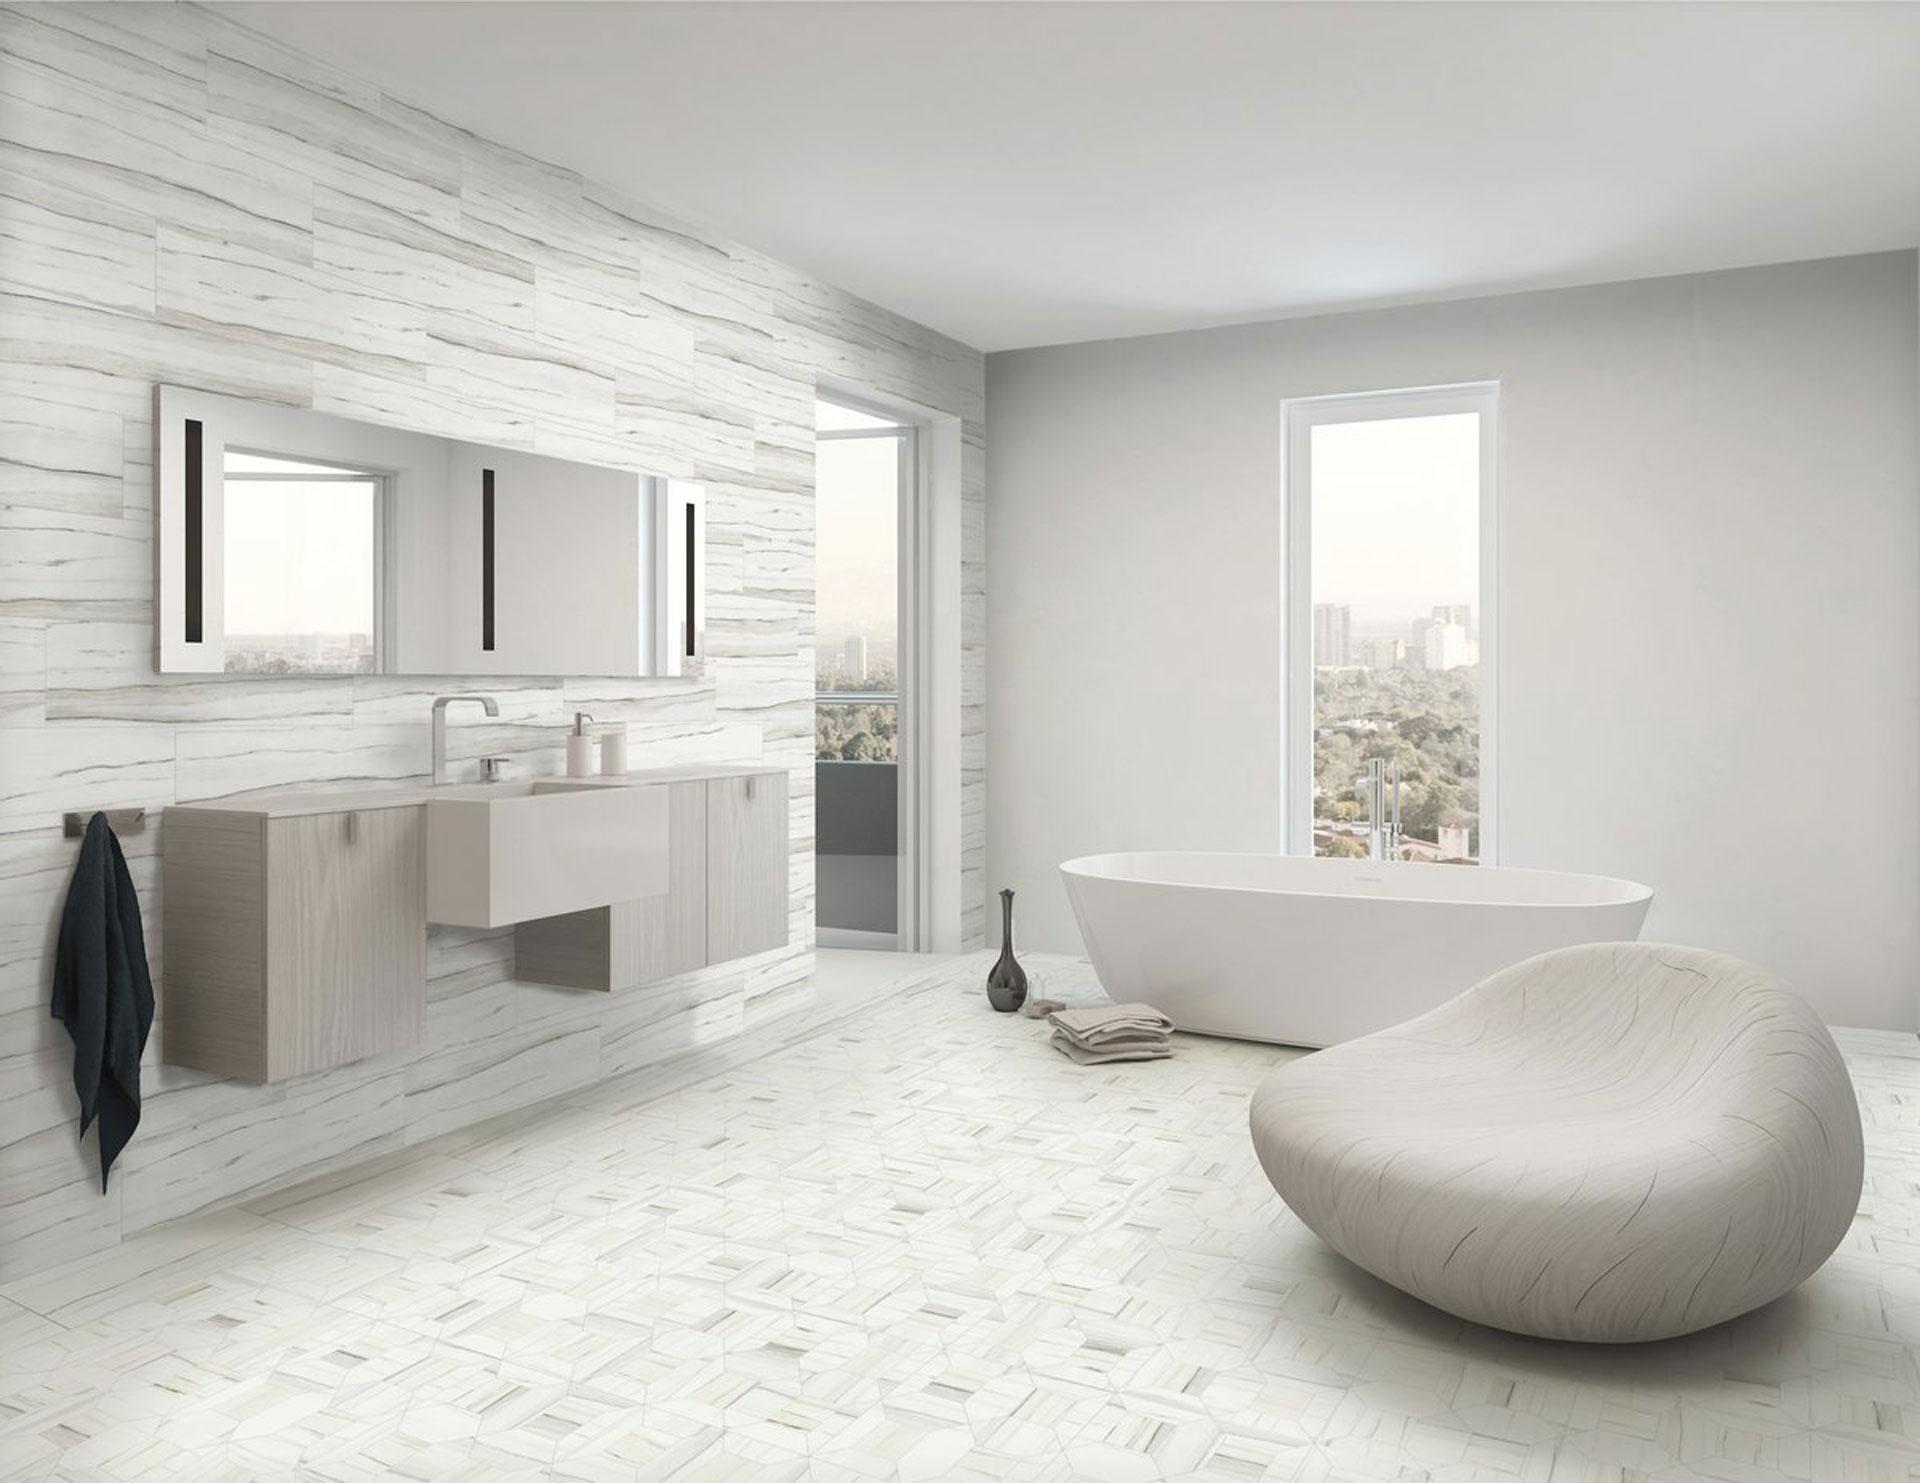 Il bagno contemporaneo con superfici in gres porcellanato Stonepeak ...